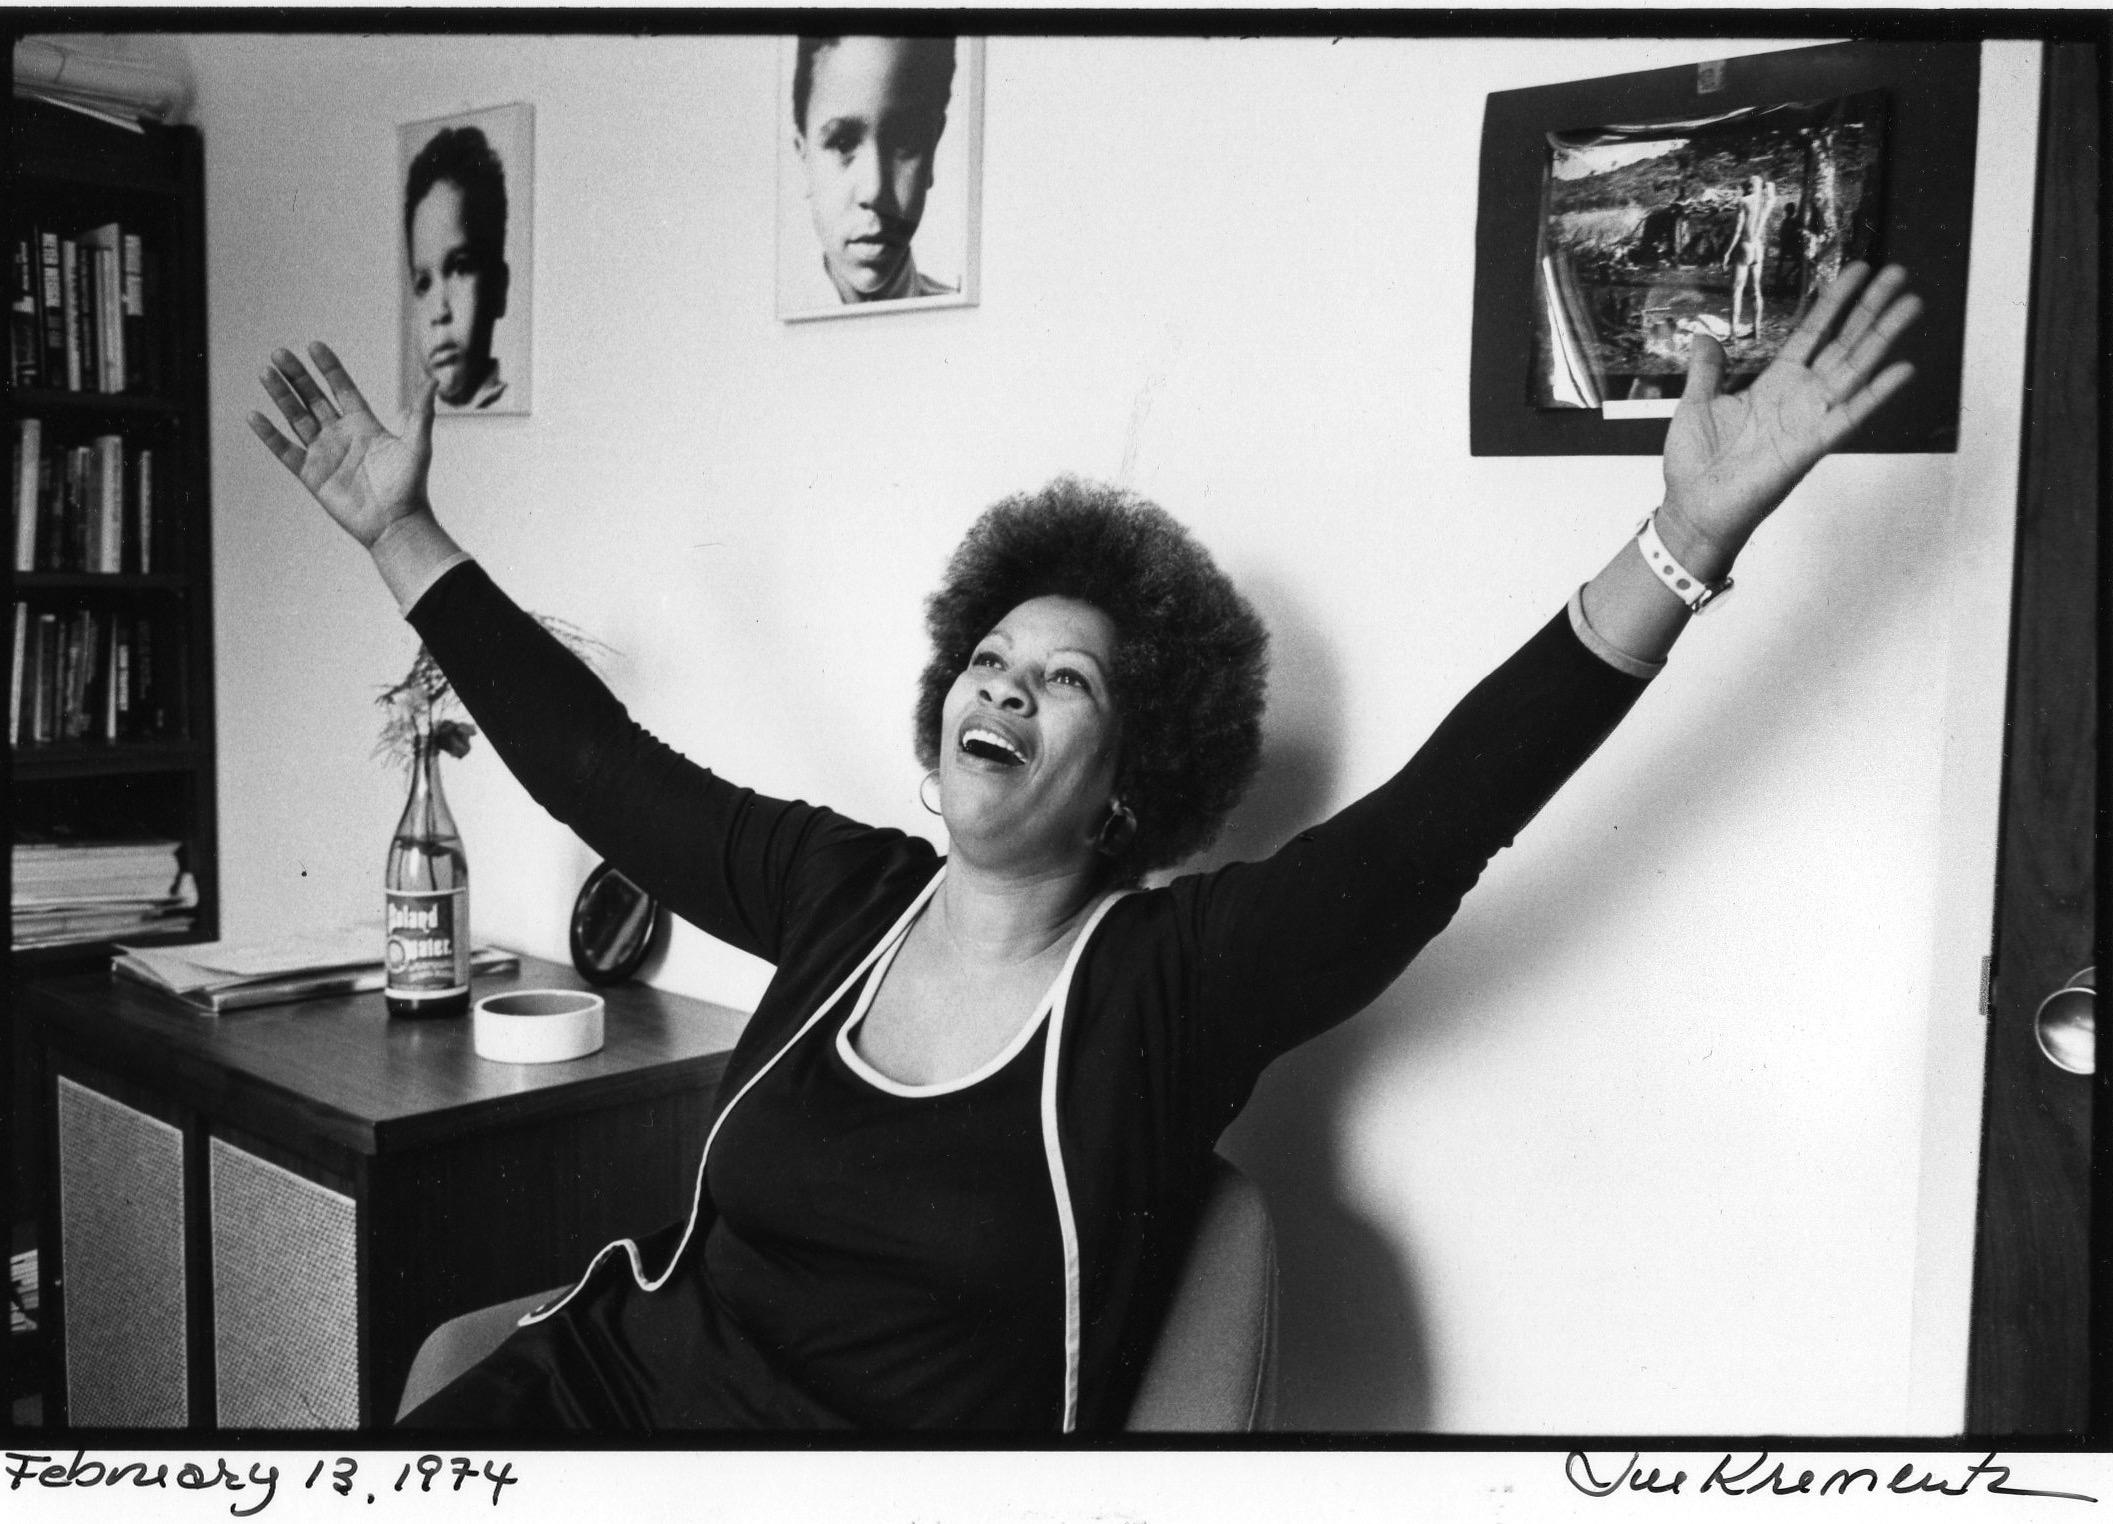 Morrison, in her office at RandomHouse, on Feb.13, 1974